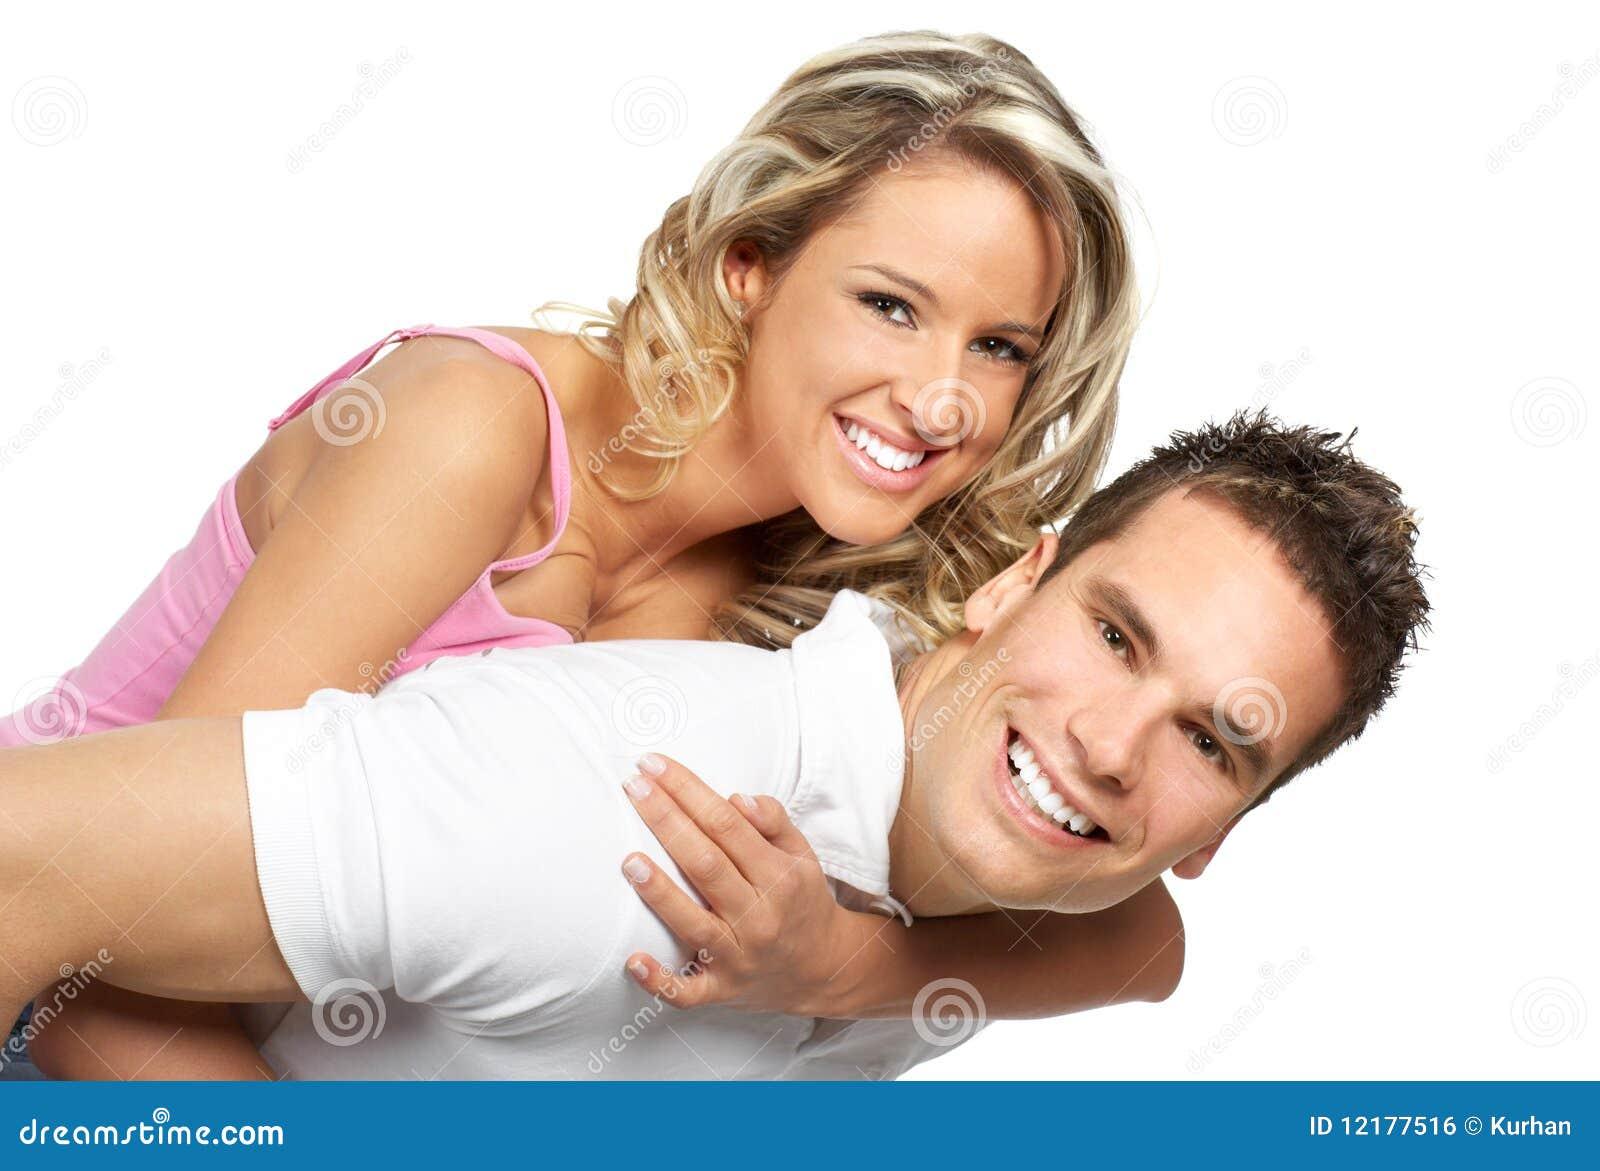 free photos happy love couple